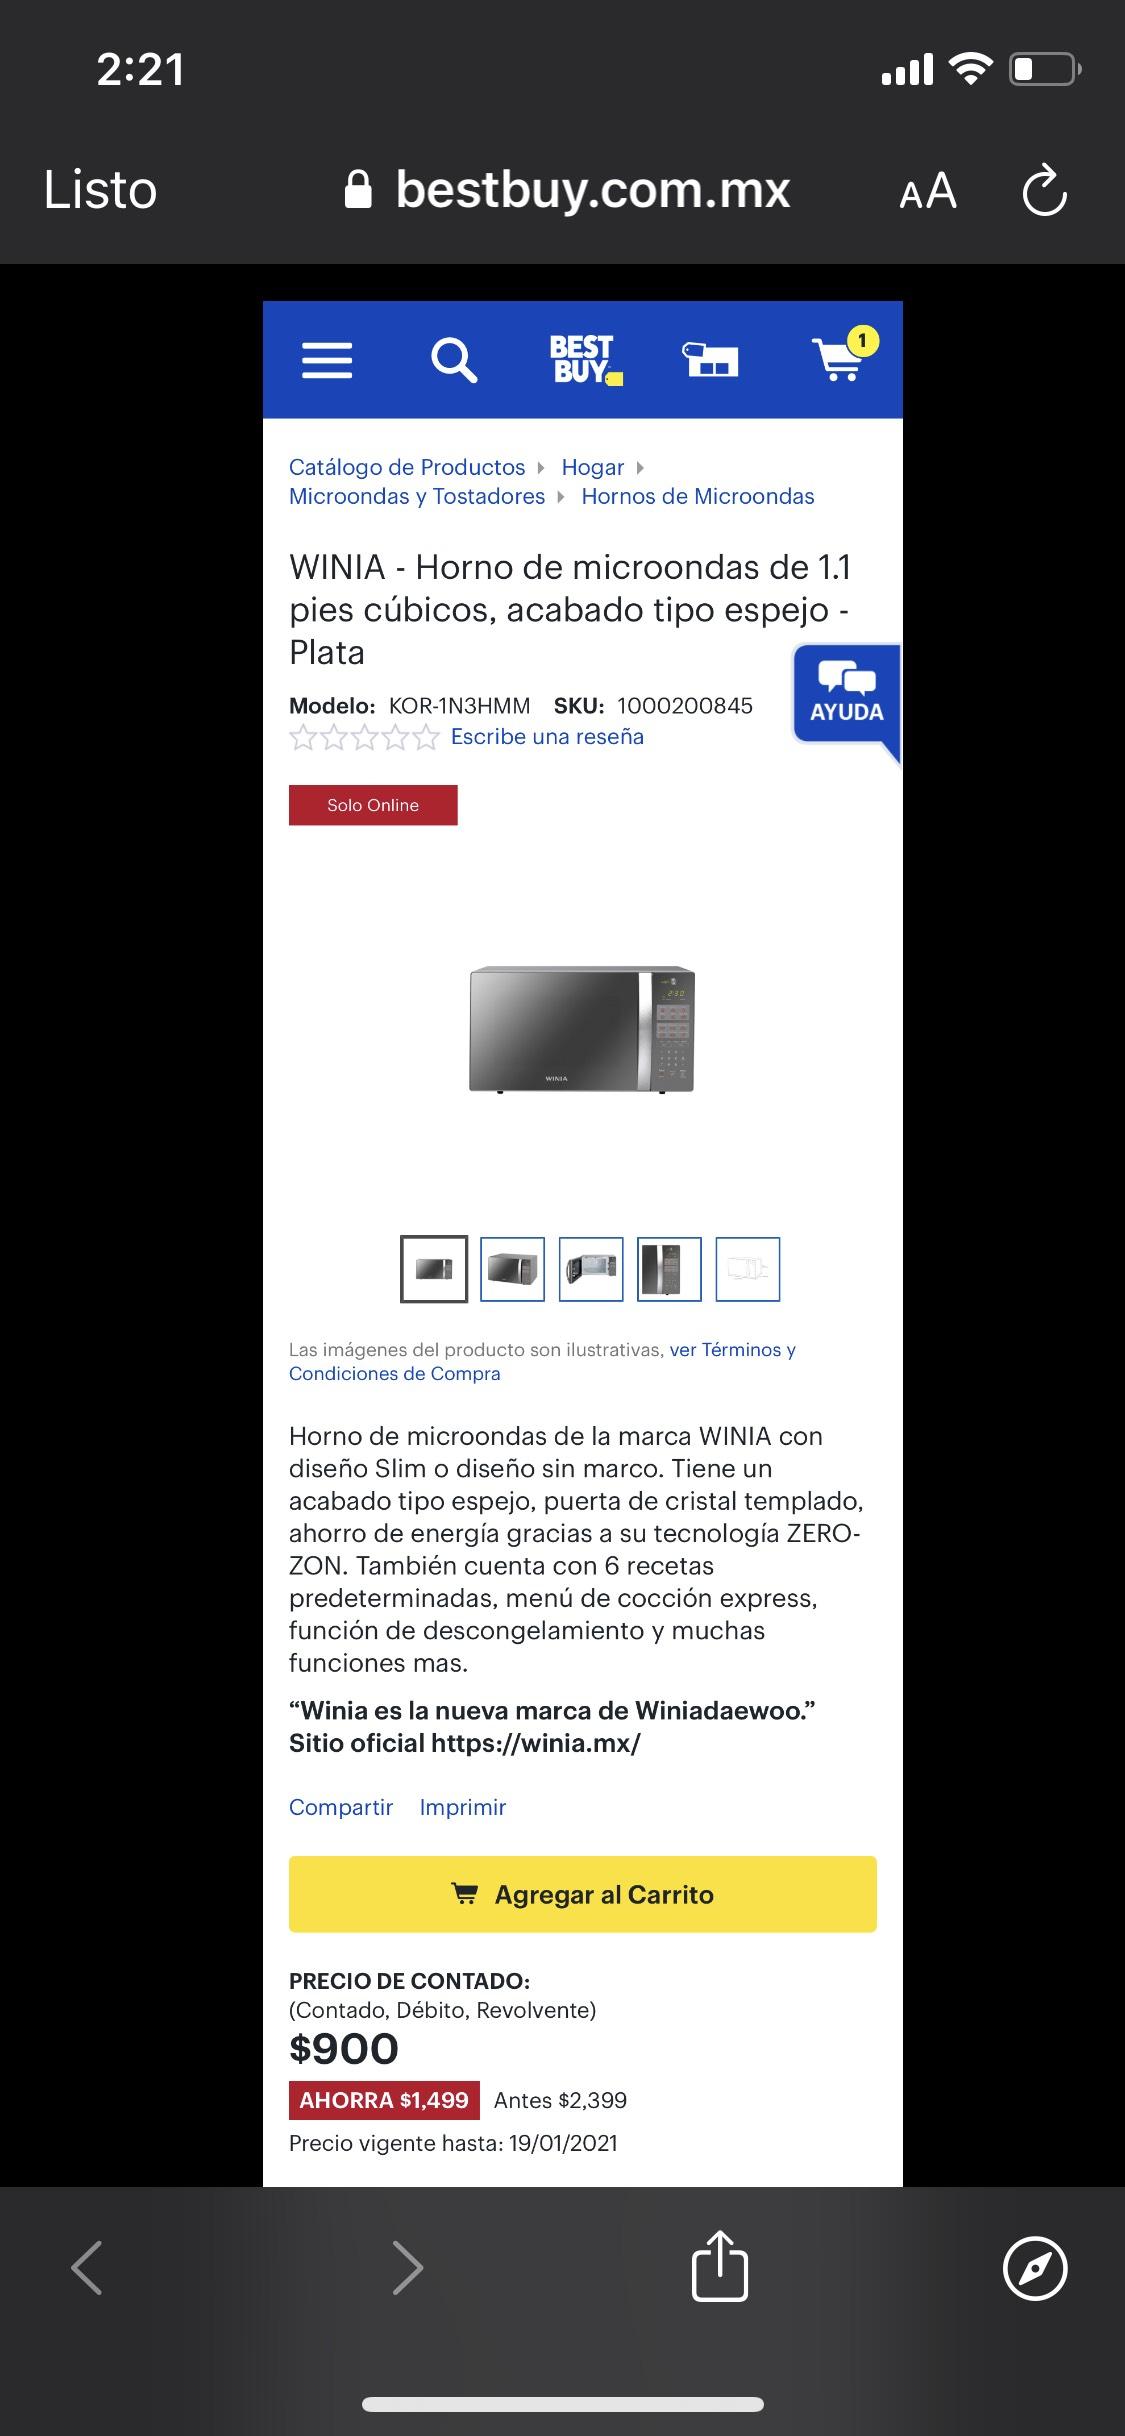 Best Buy: WINIA - Horno de microondas de 1.1 pies cúbicos, acabado tipo espejo - Plata